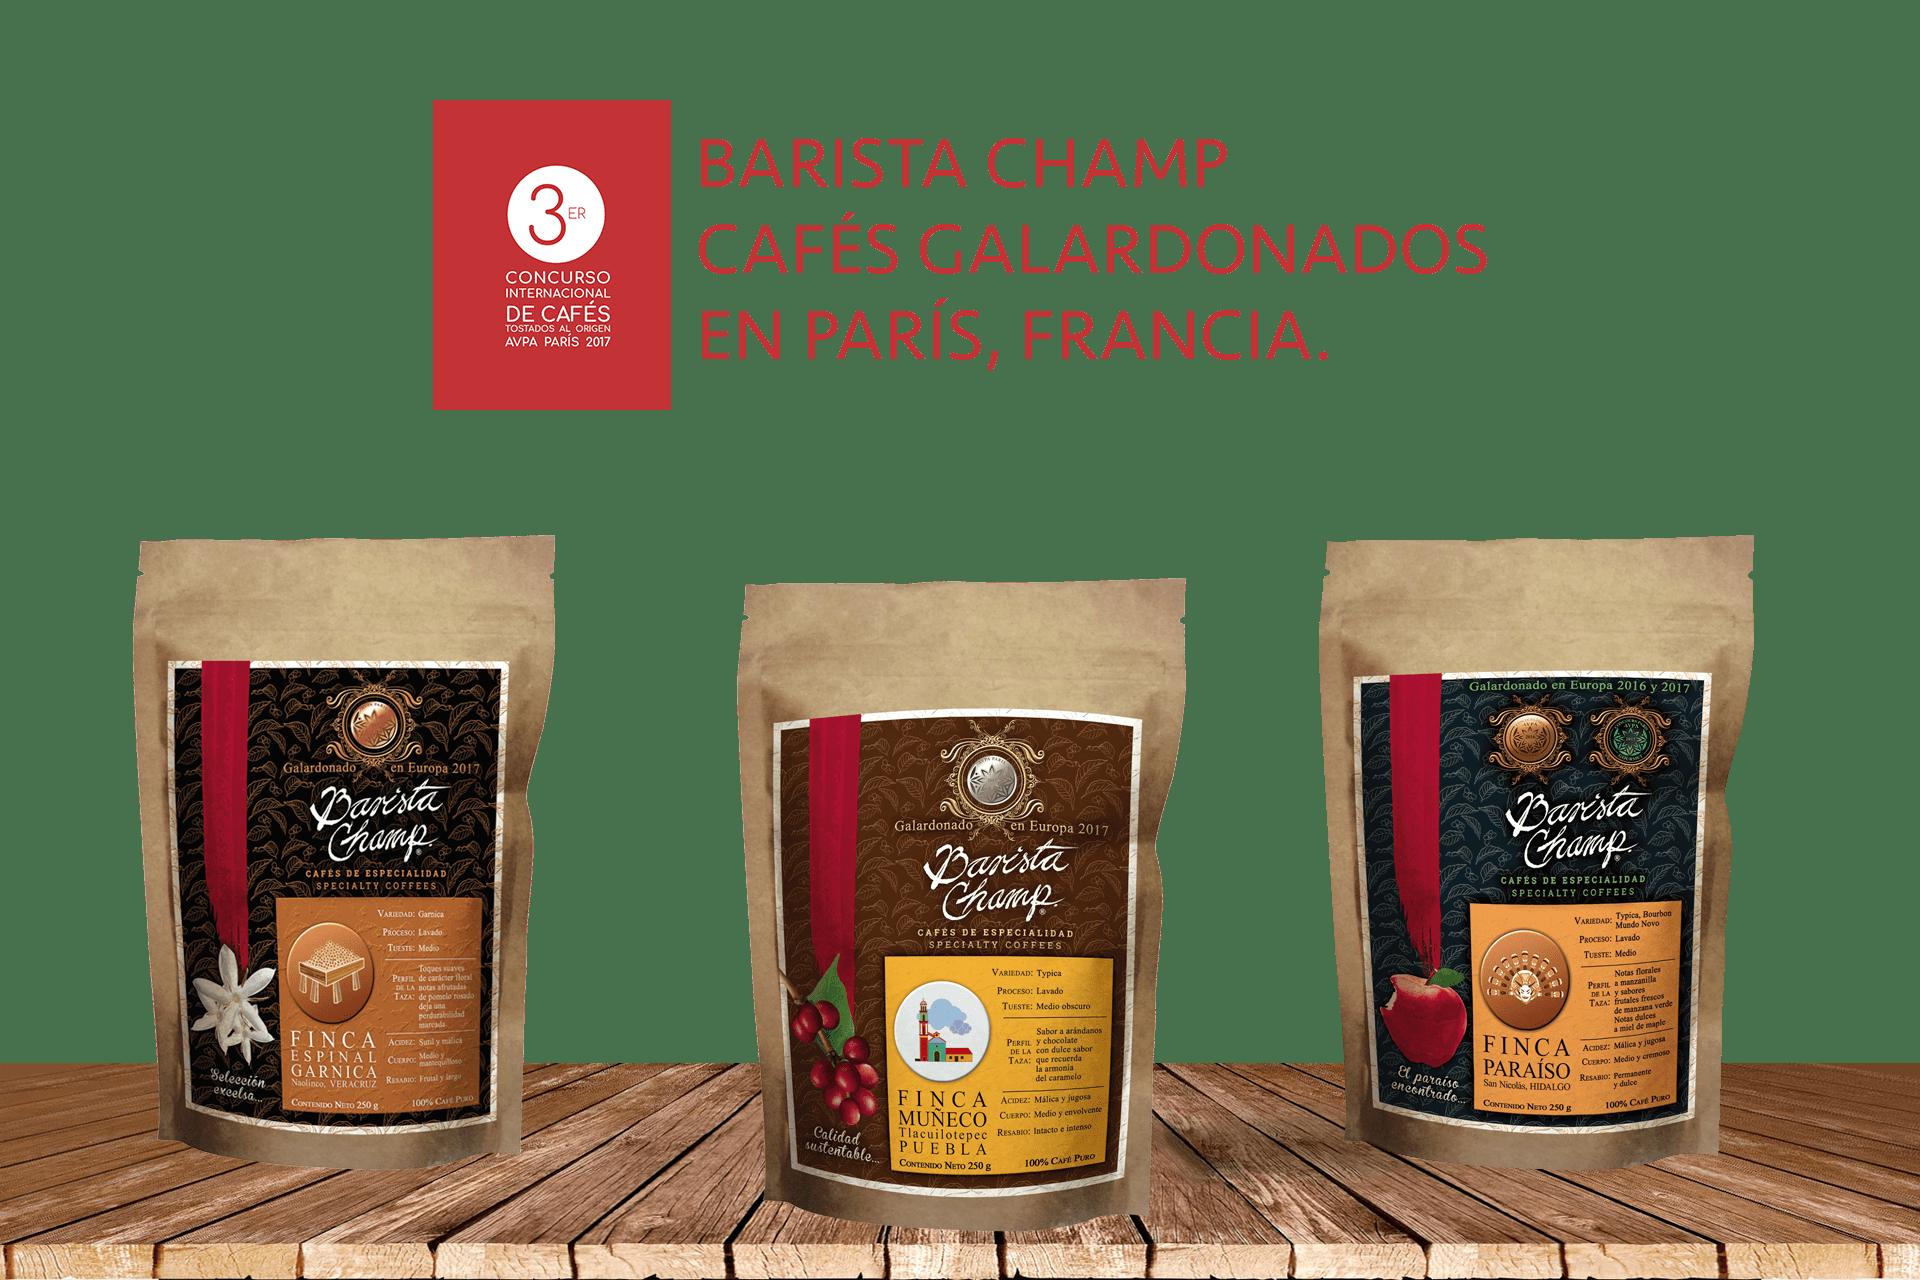 Cafés-Galardonados-Titulo